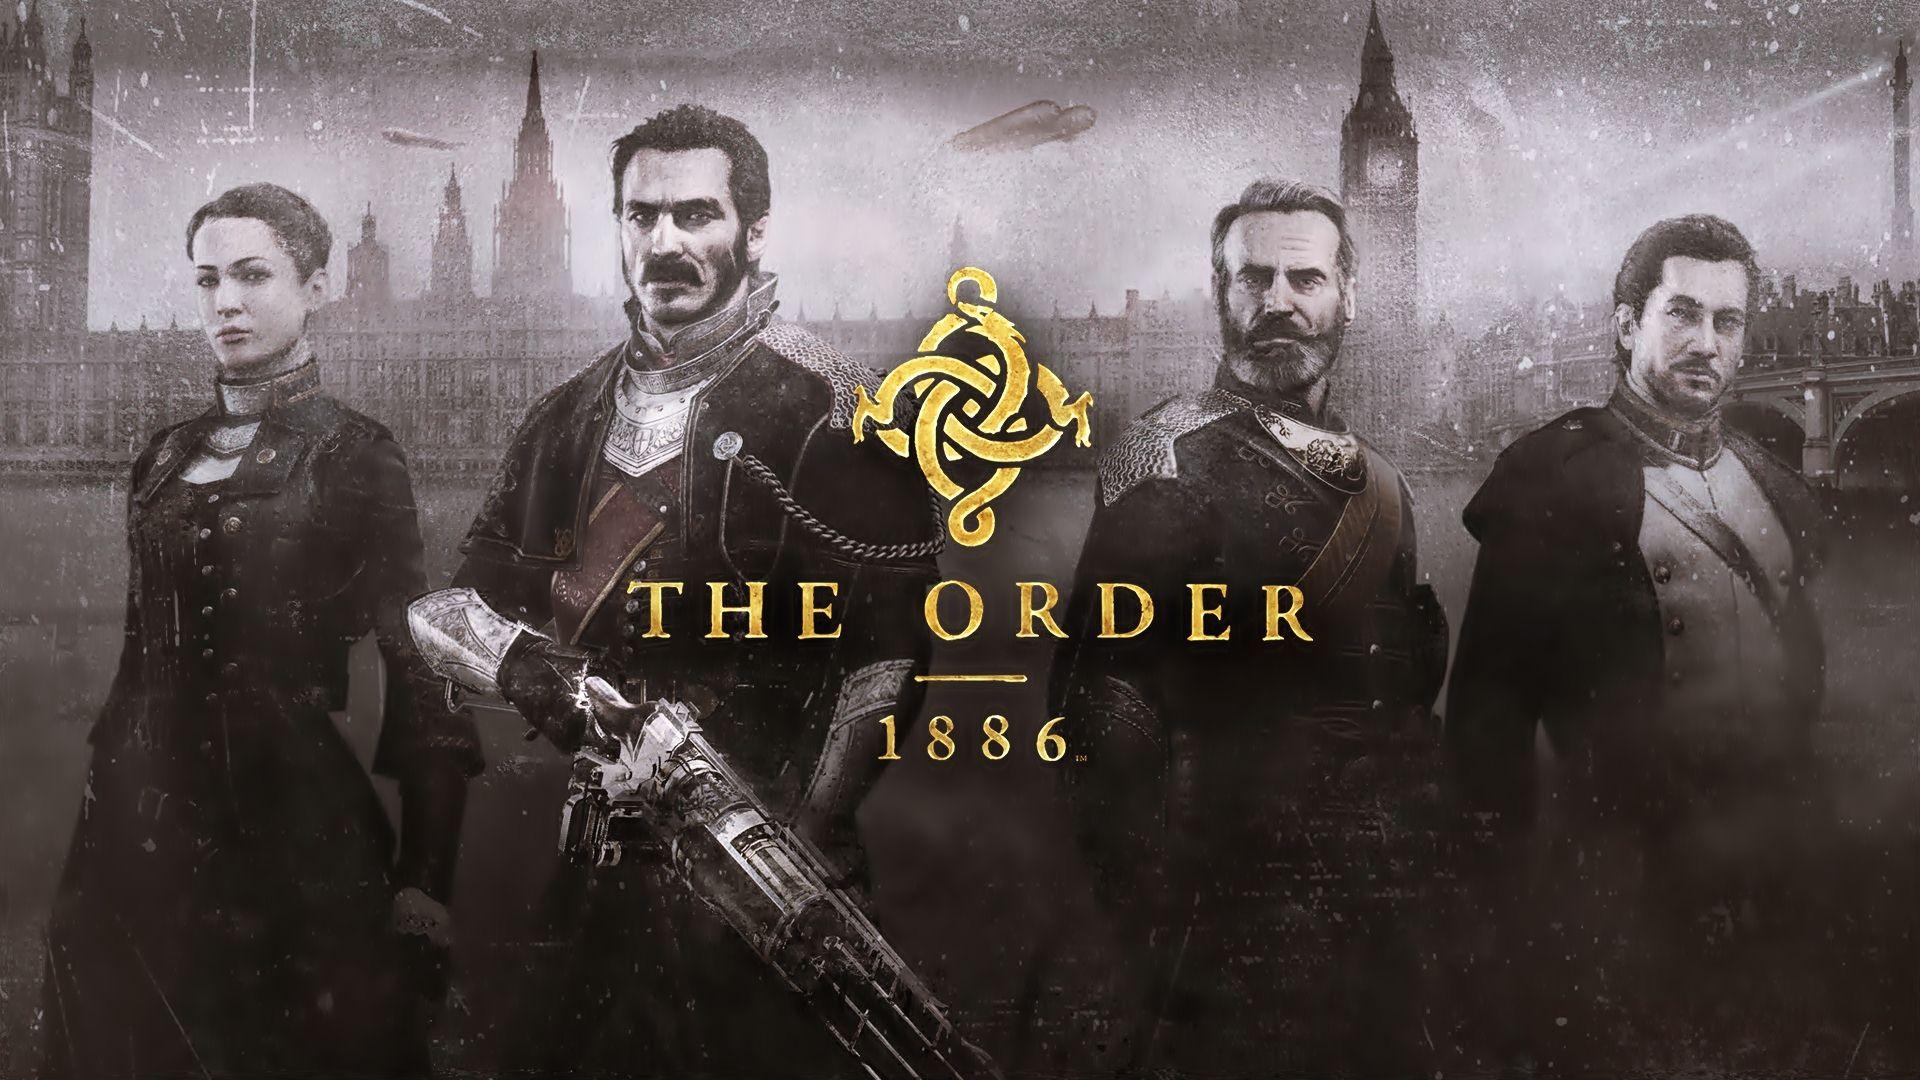 نویسندهی بازی Ghost of Tsushima اطلاع از ساخت ادامهی The Order: 1886 را انکار کرد